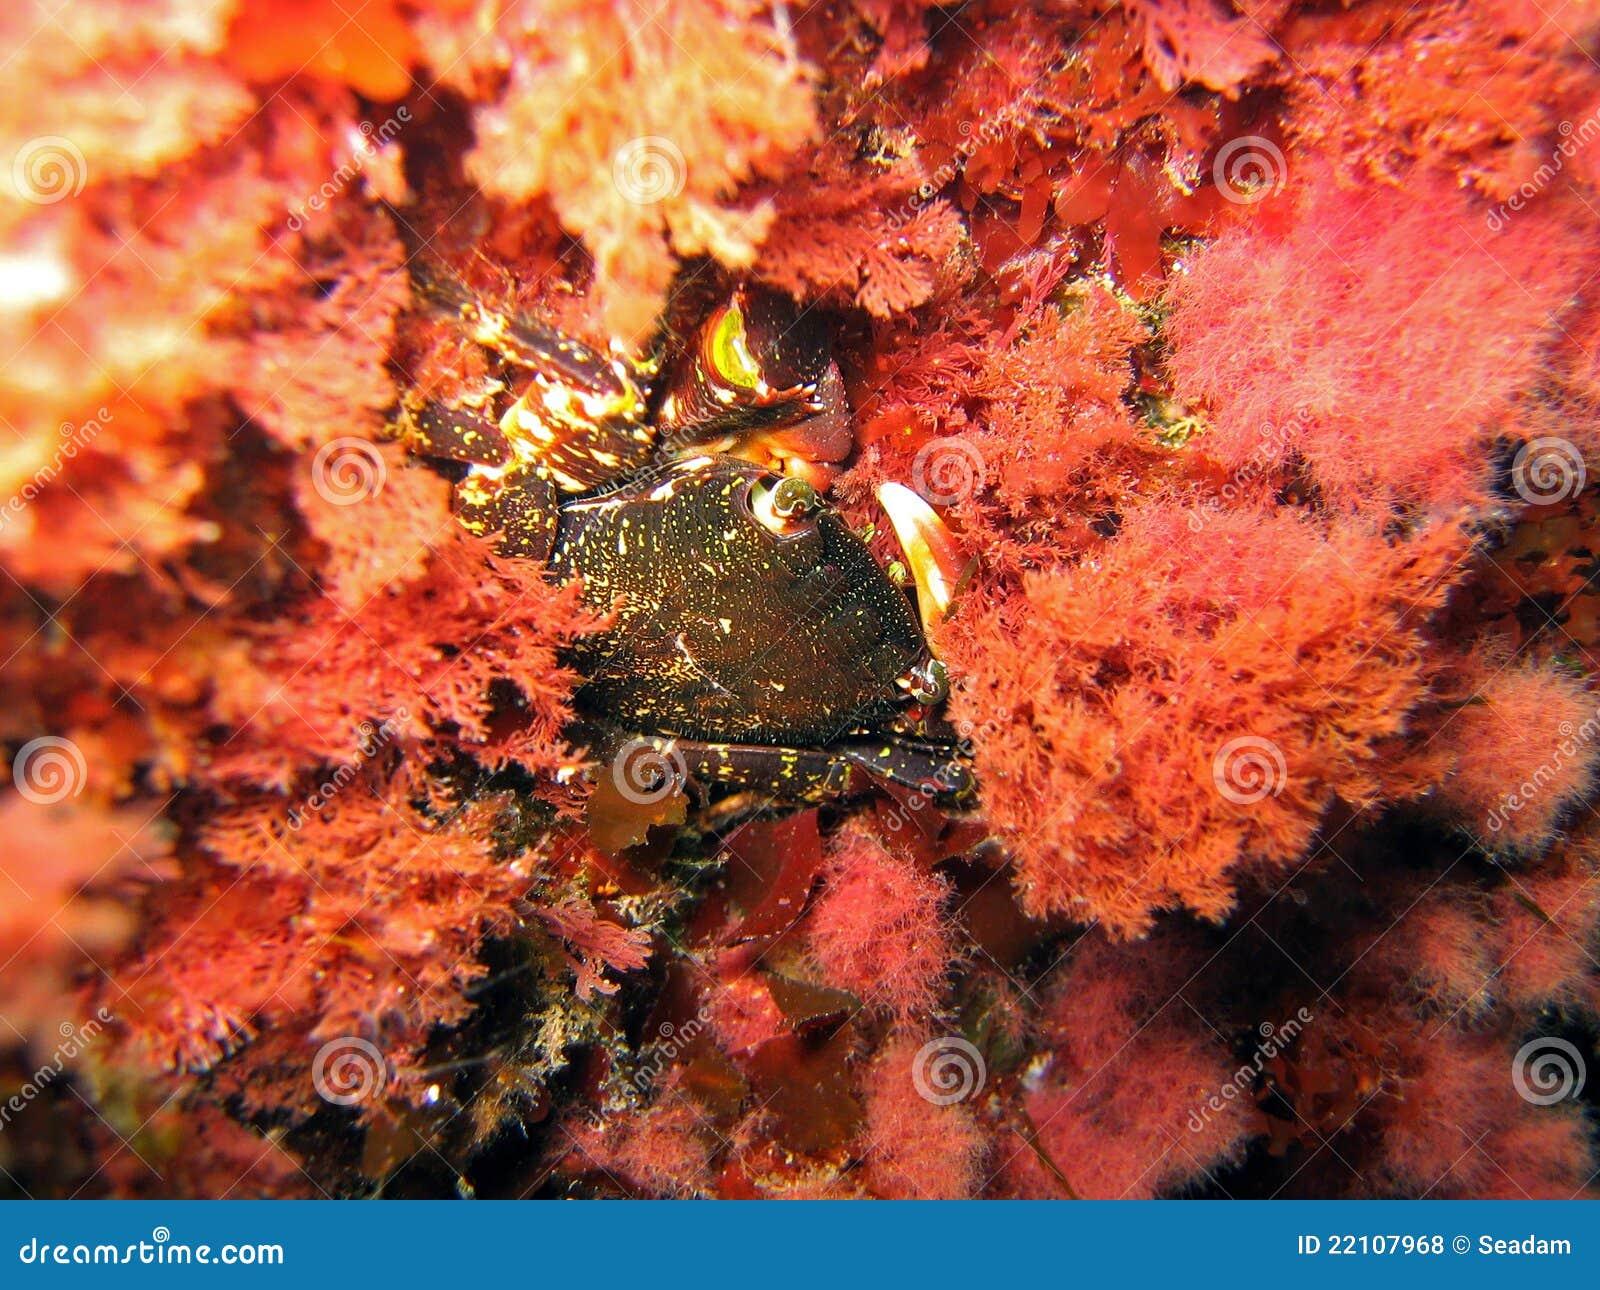 Krab in rode algen